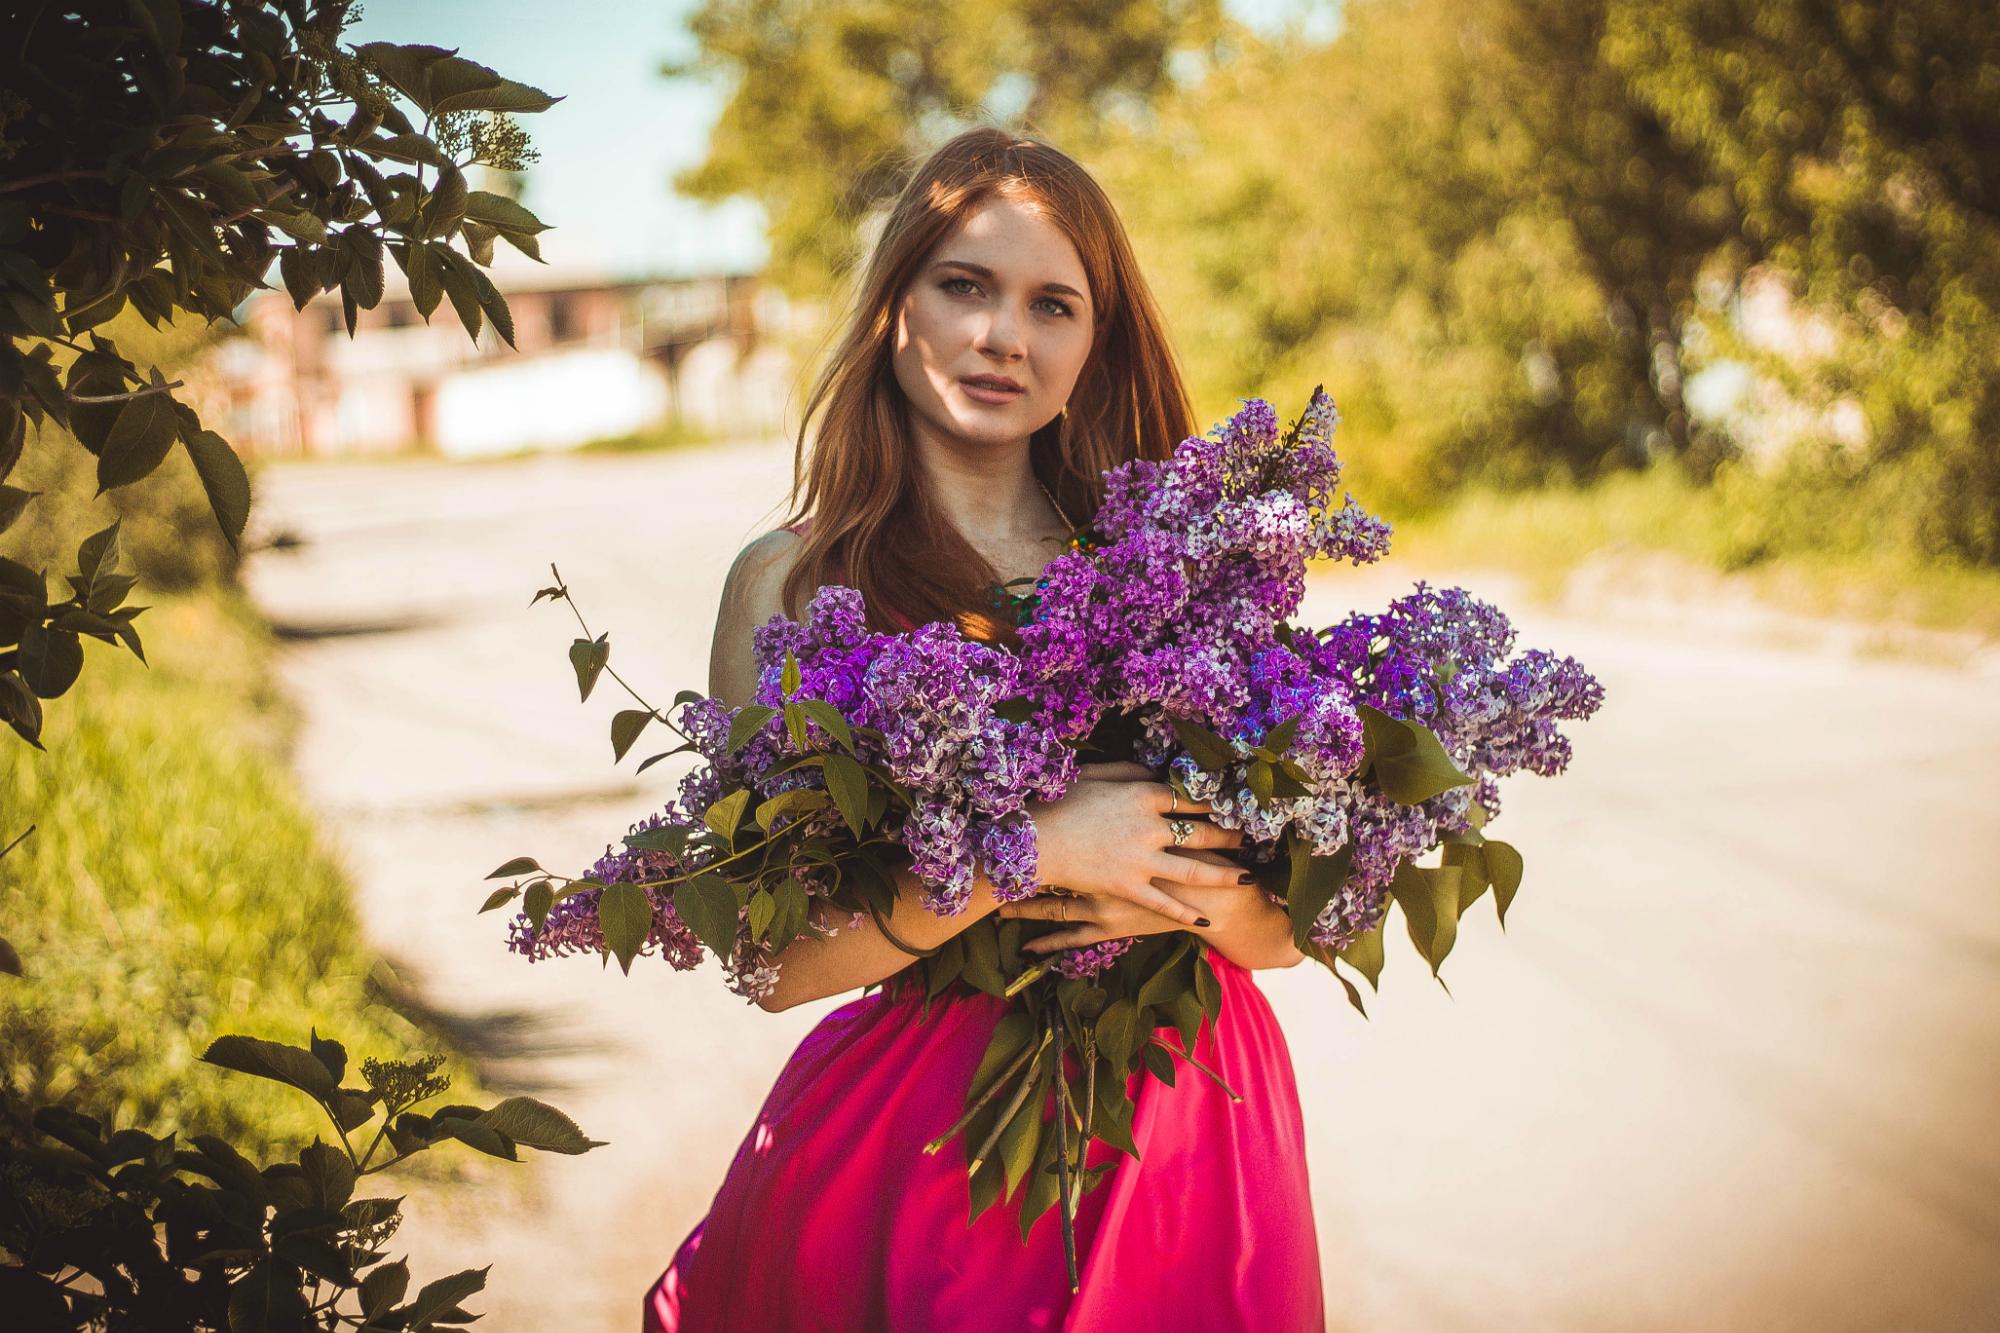 Картинки девушка возле цветов